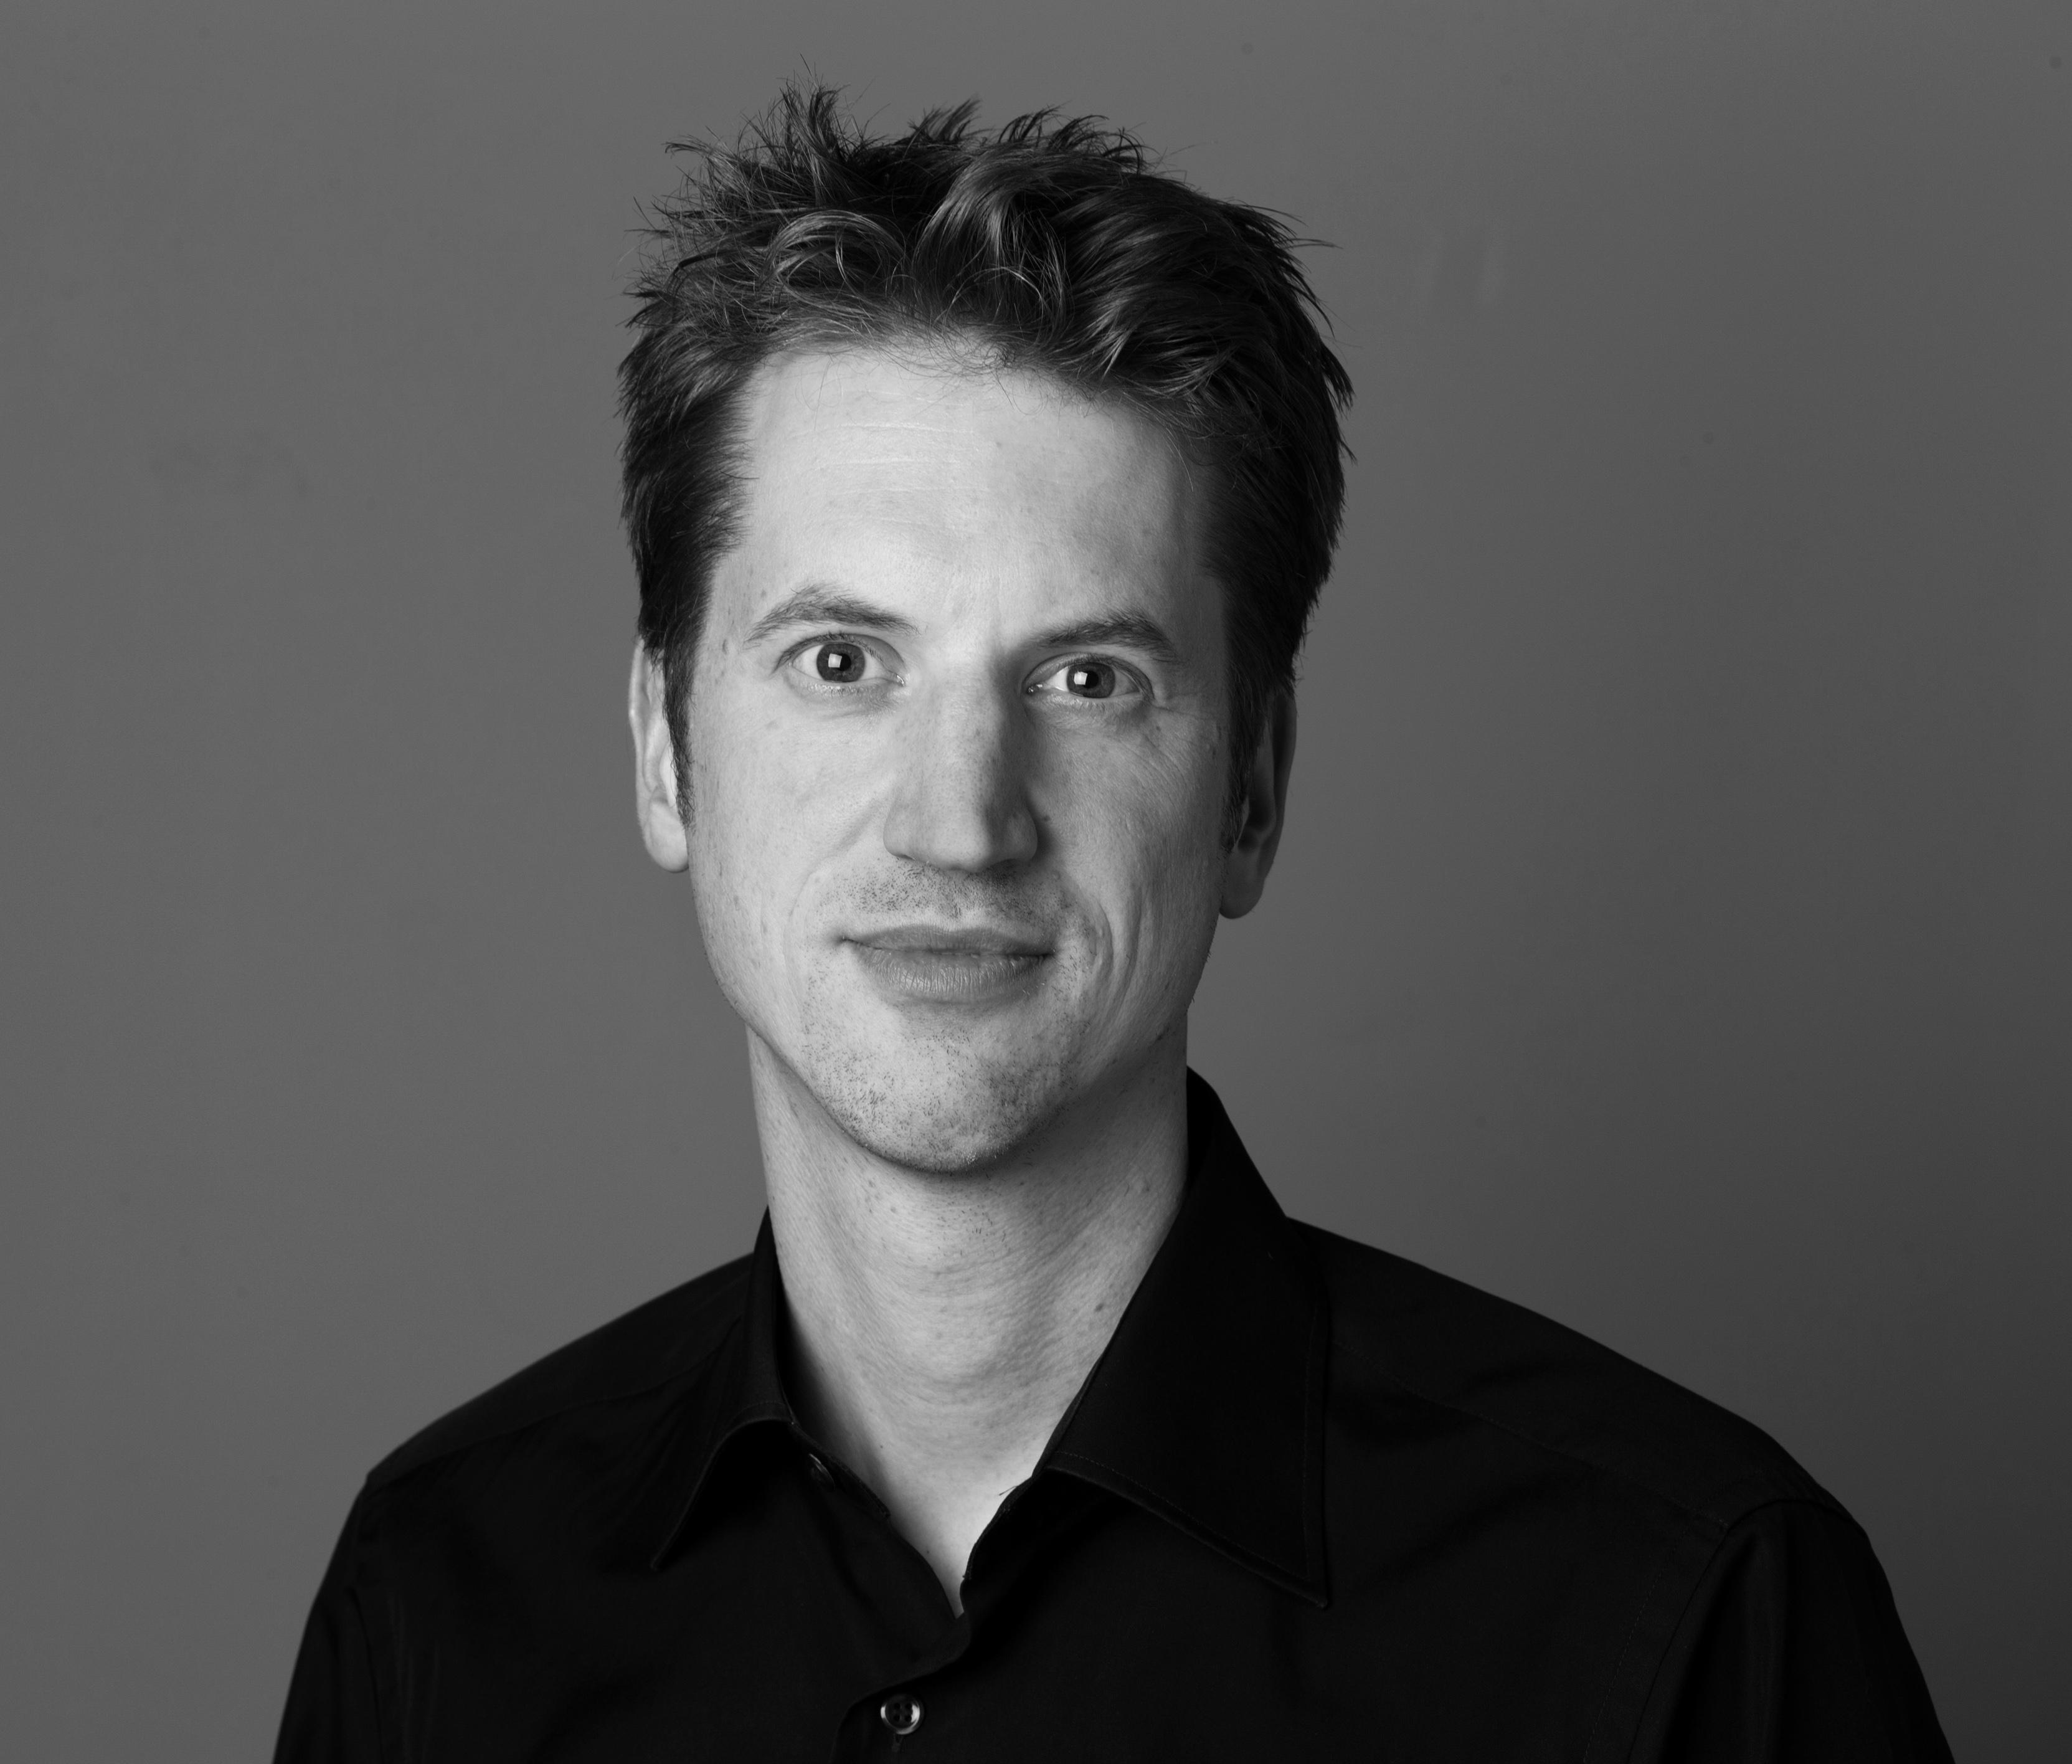 <p>Stefan Tomik - Frankfurter Allgemeine Zeitung</p>